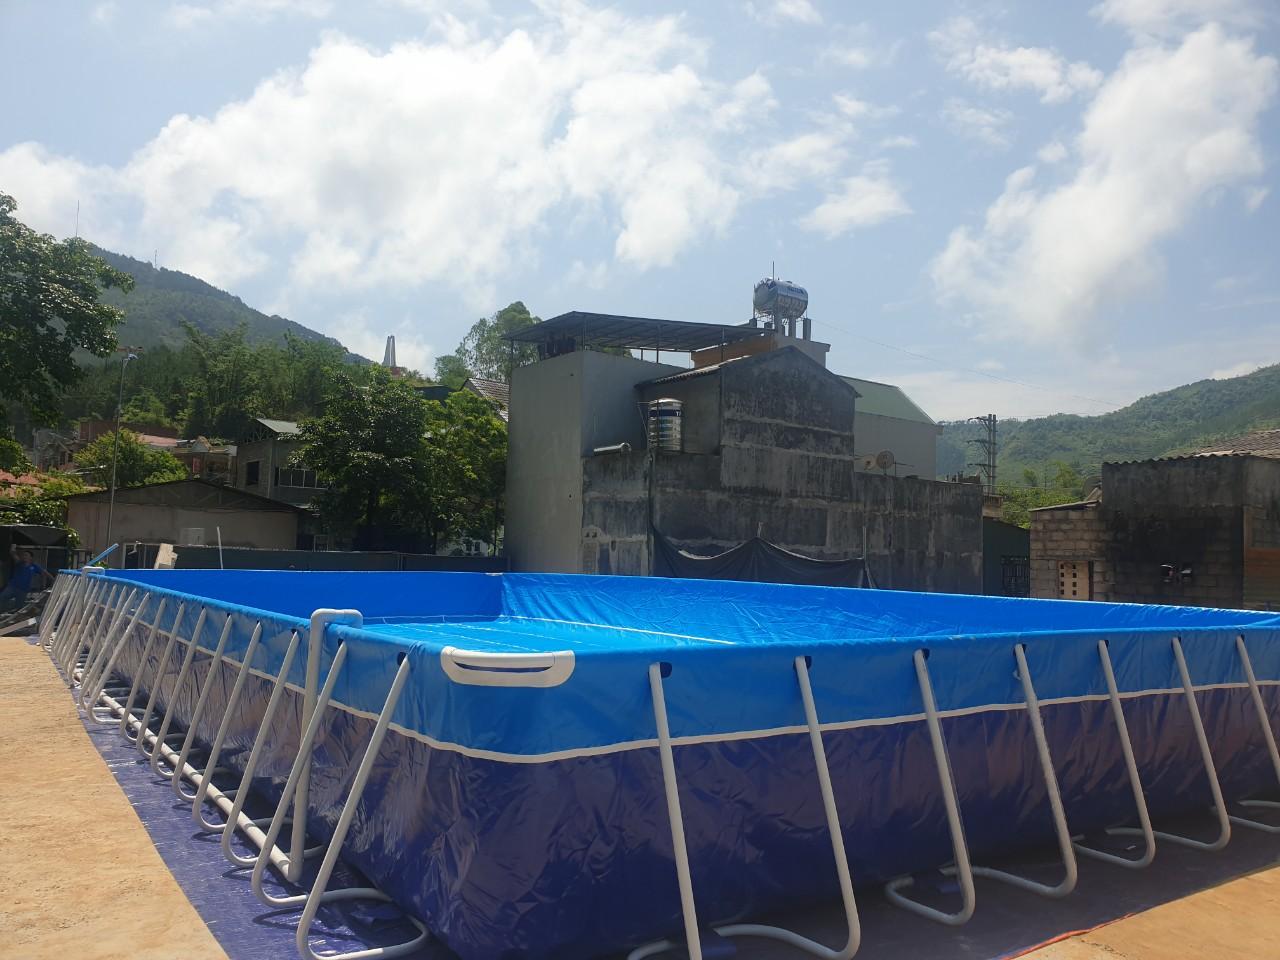 Hồ Bơi Dạy Bơi 9,6m x 20,1m 13